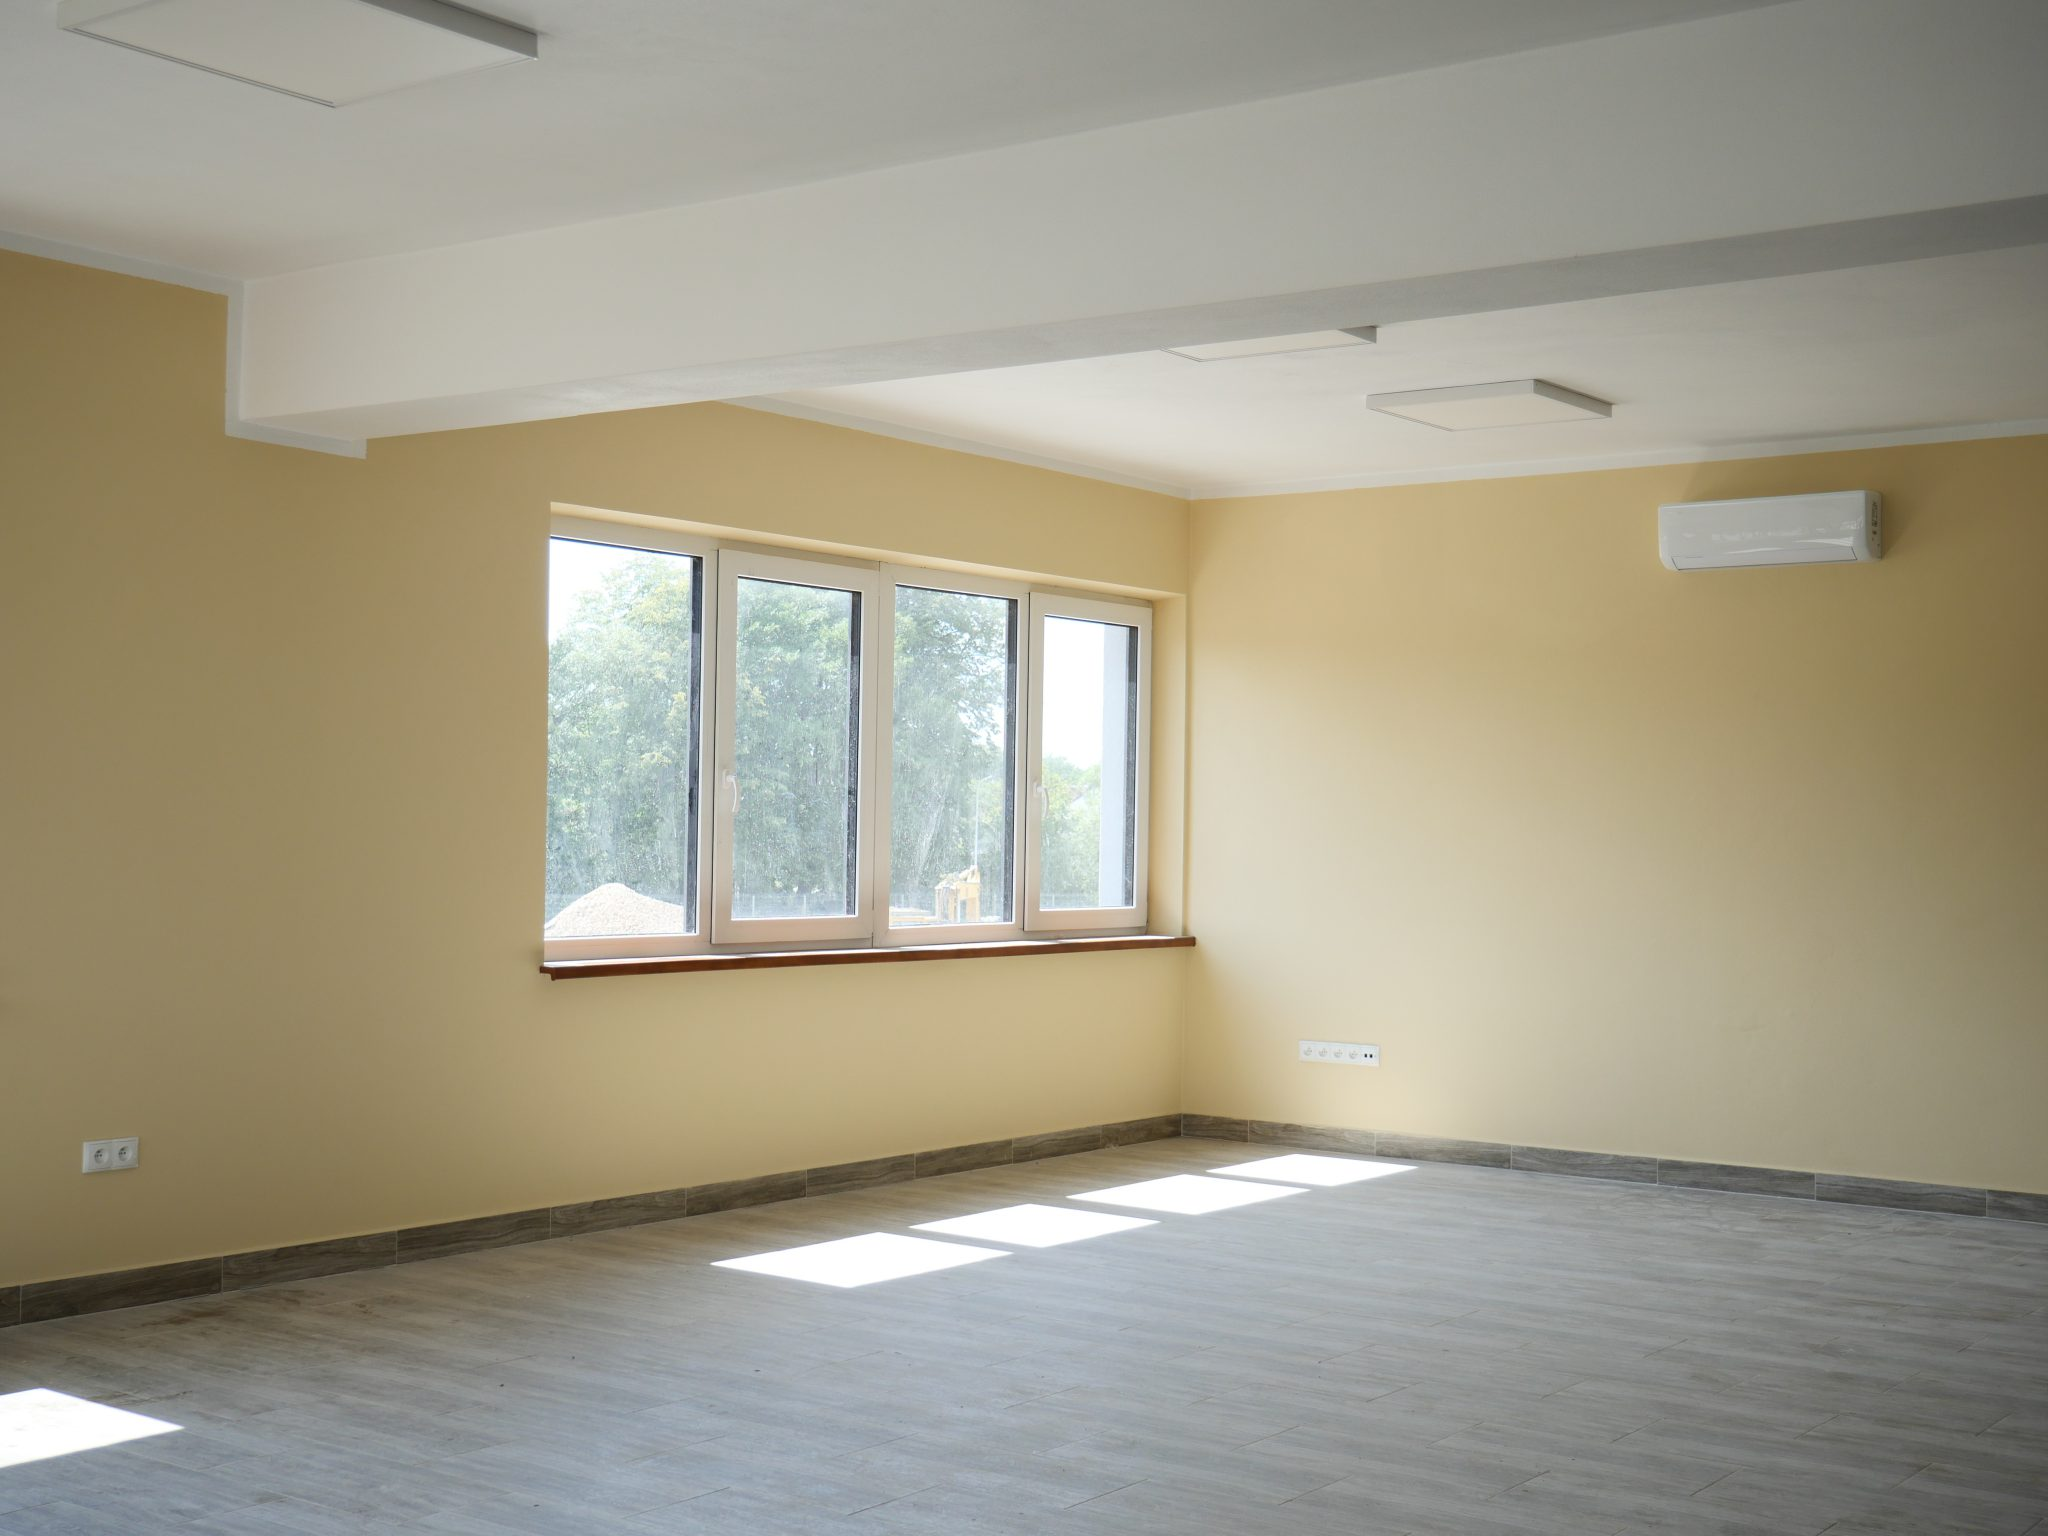 Lokal do wynajęcia, 70 m2, Dębica